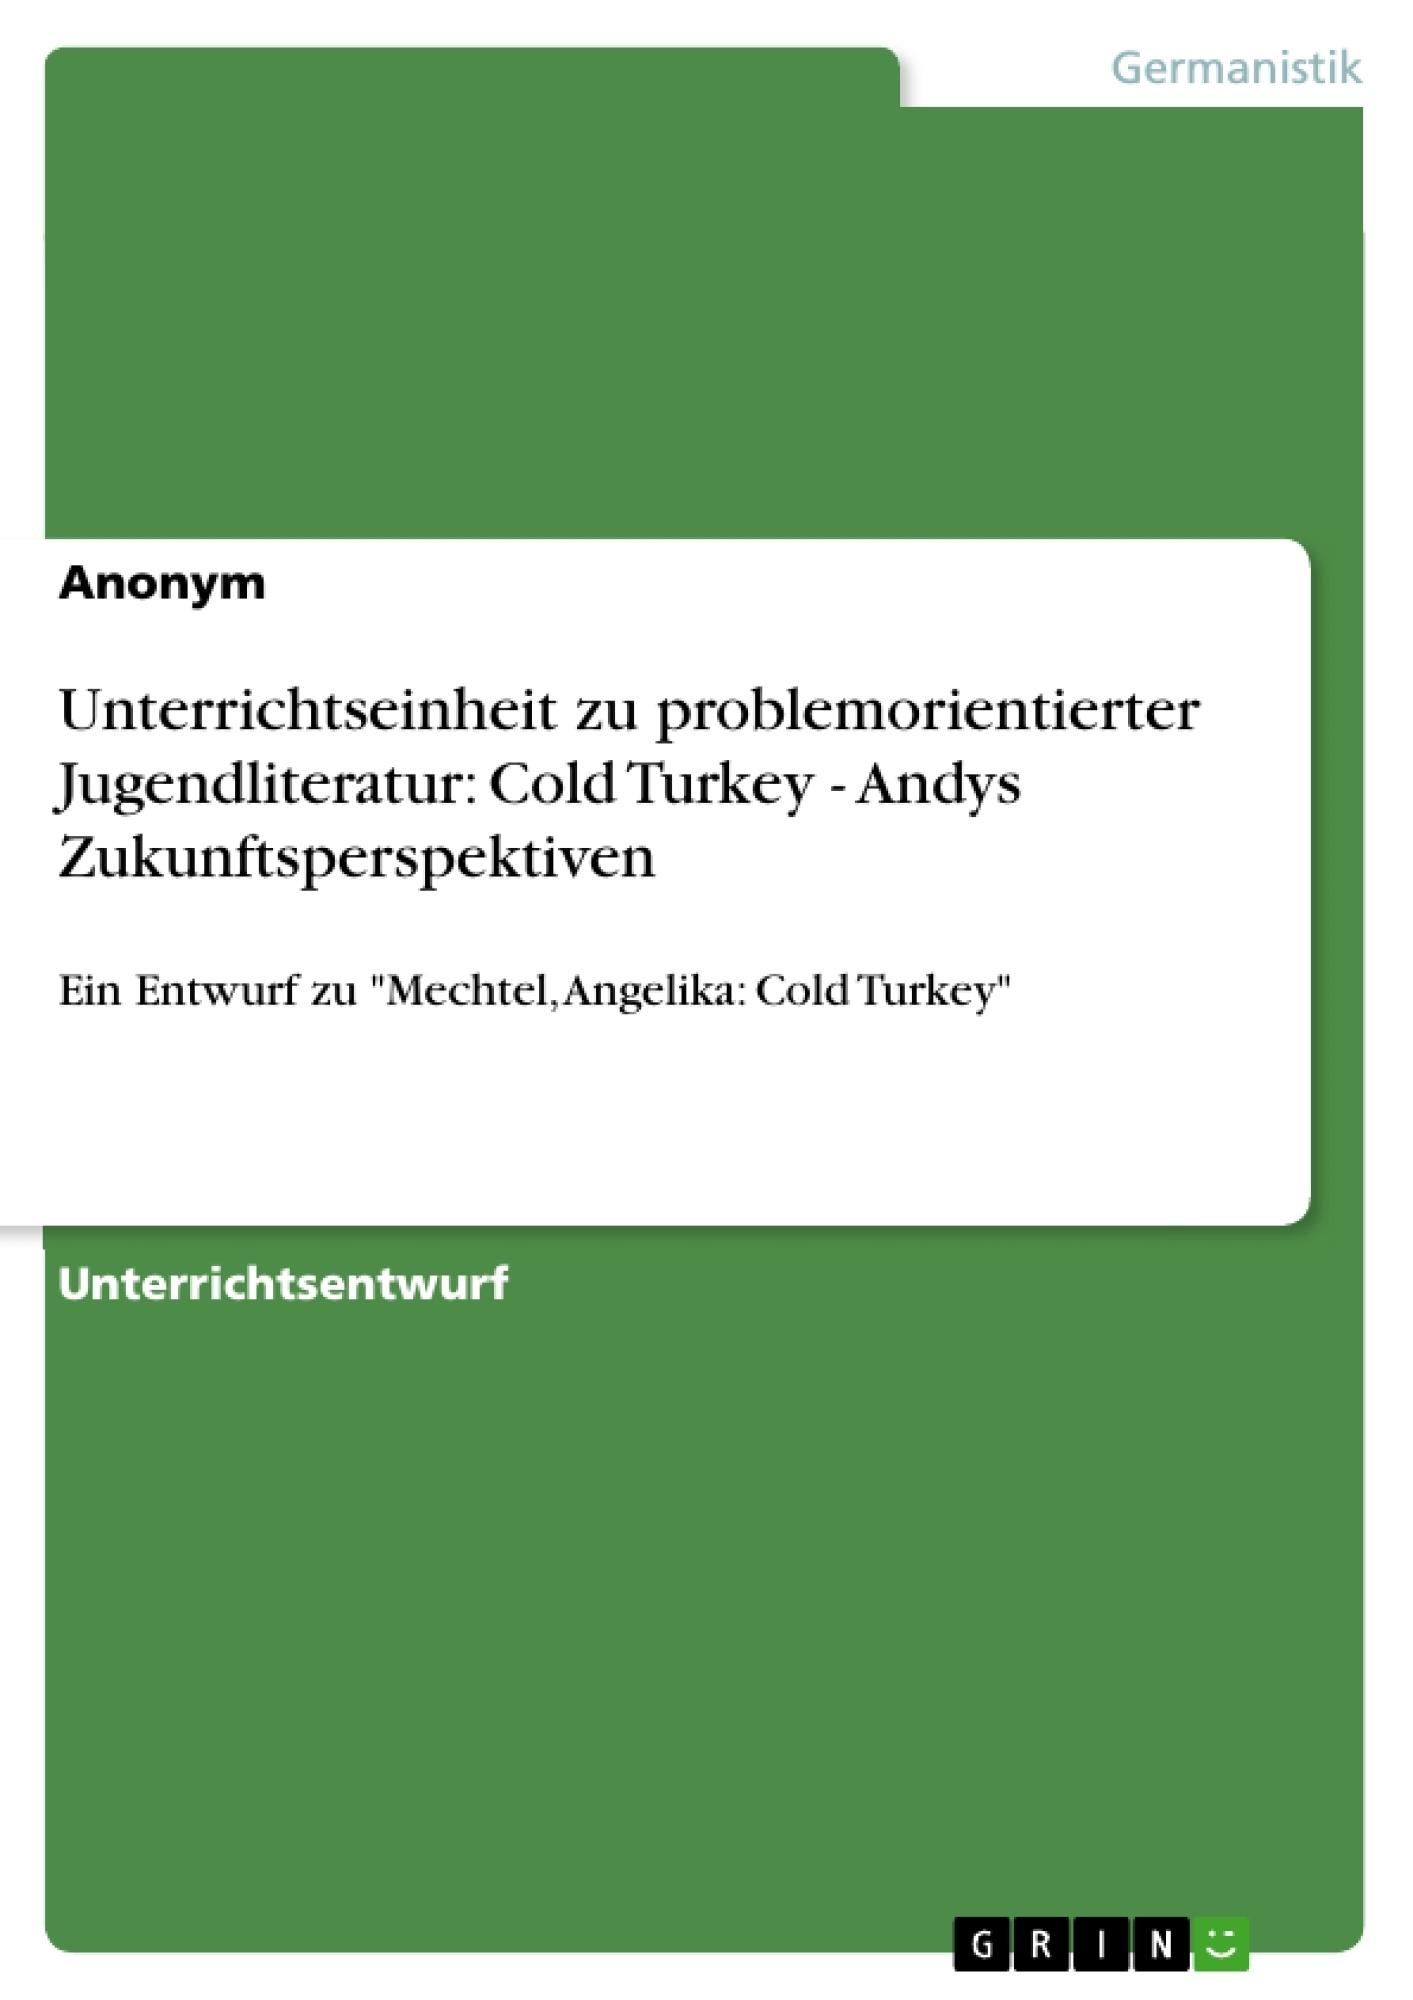 Titel: Unterrichtseinheit zu problemorientierter Jugendliteratur: Cold Turkey - Andys Zukunftsperspektiven